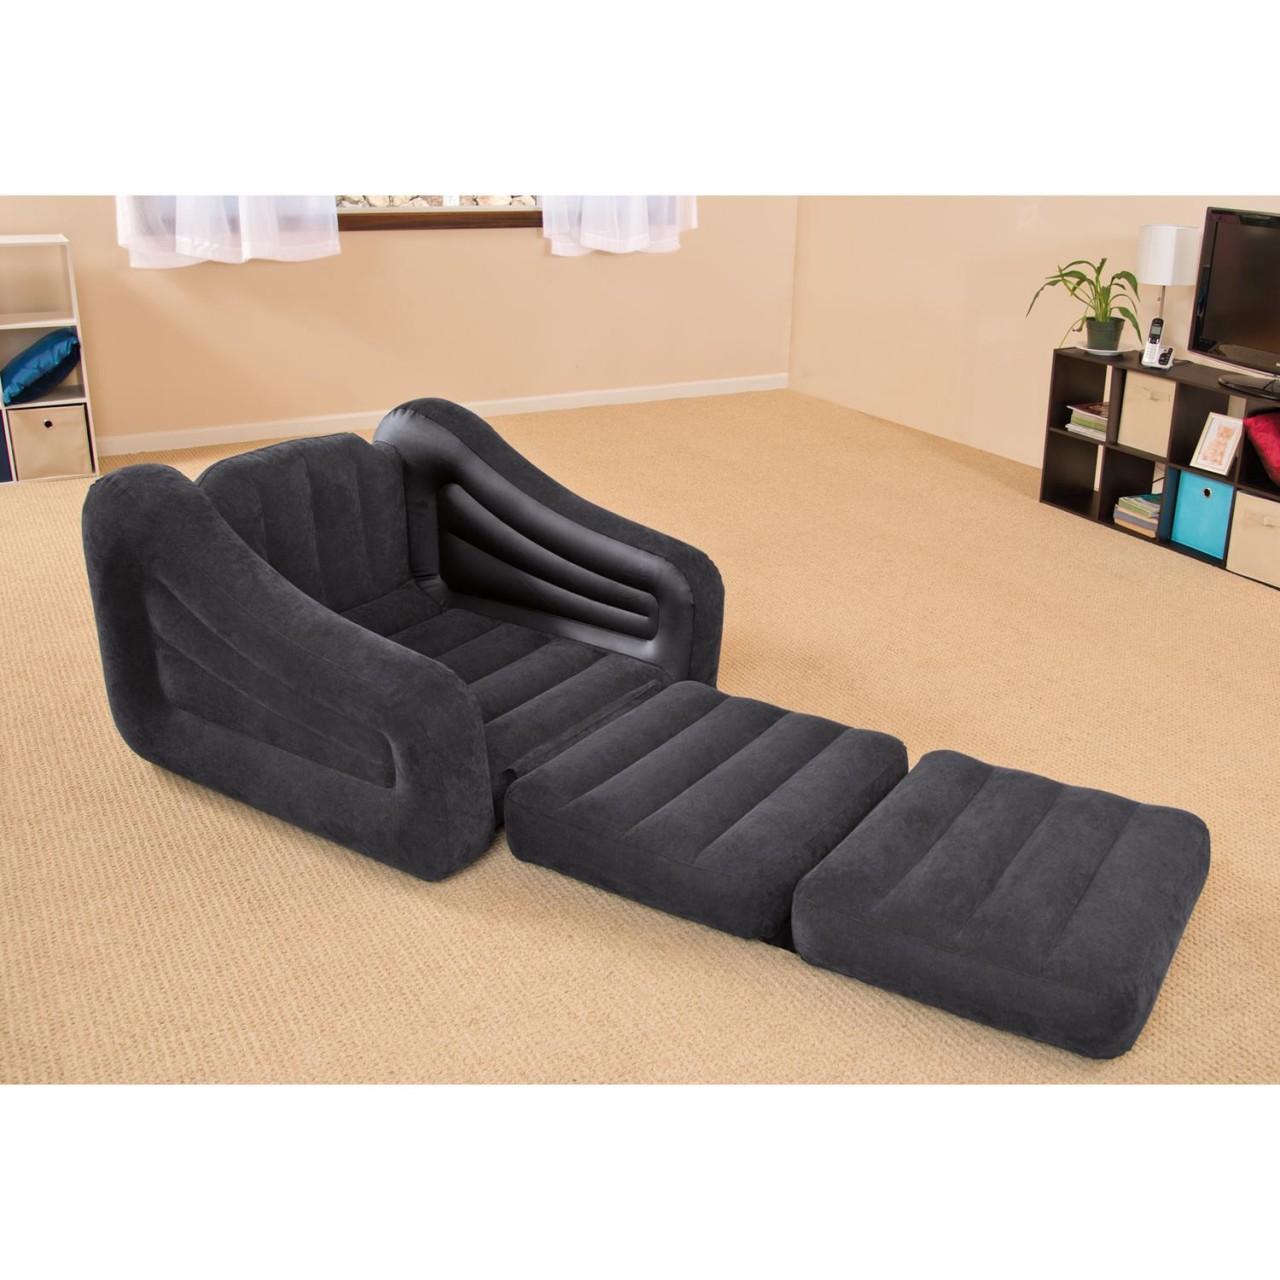 Intex Sessel Sofa Couch Luftbett Gästebett Schlafsofa ausziehbar 107x221x66 cm